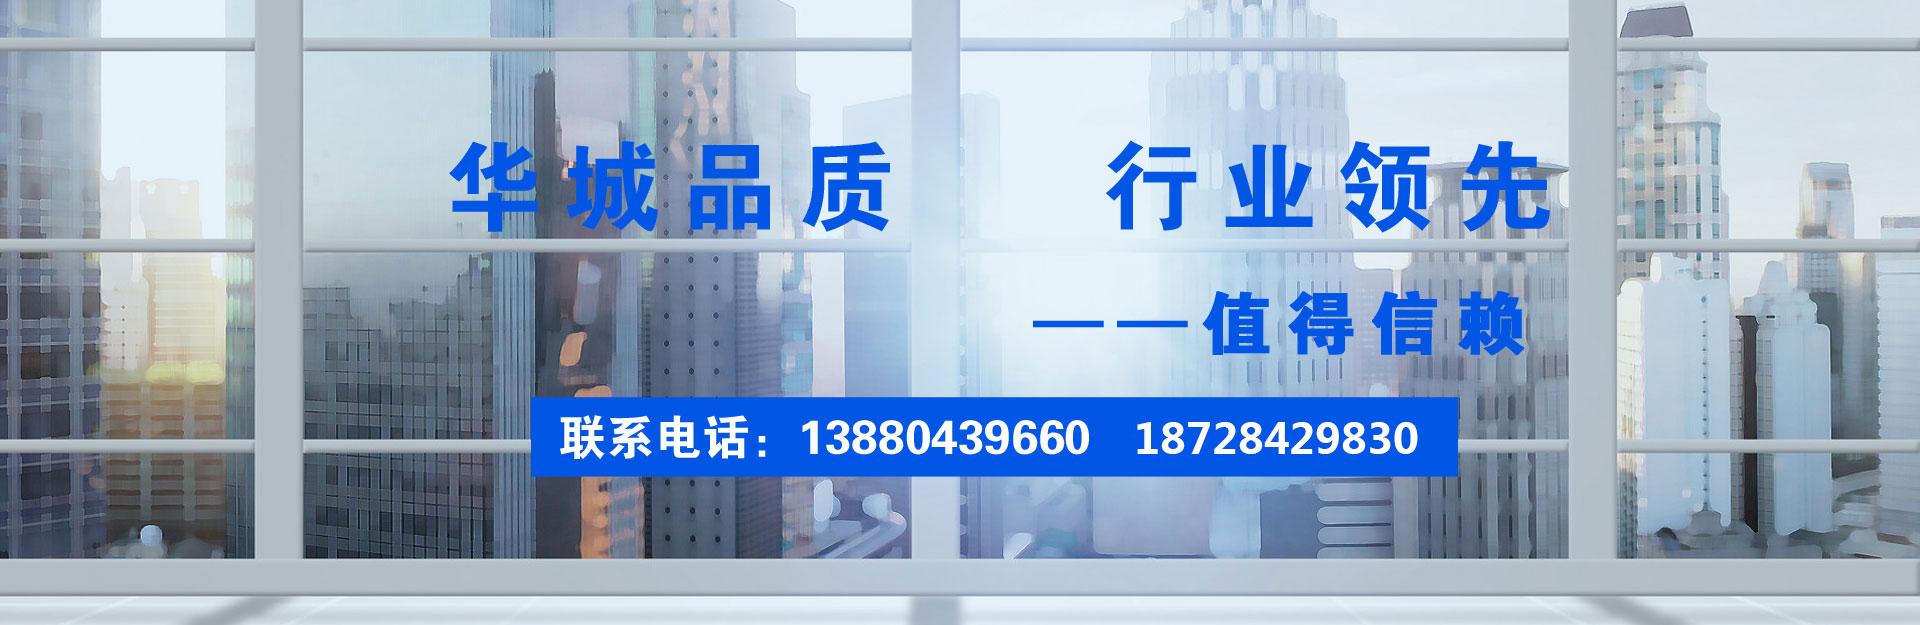 华城品质,行业领先——值得信赖